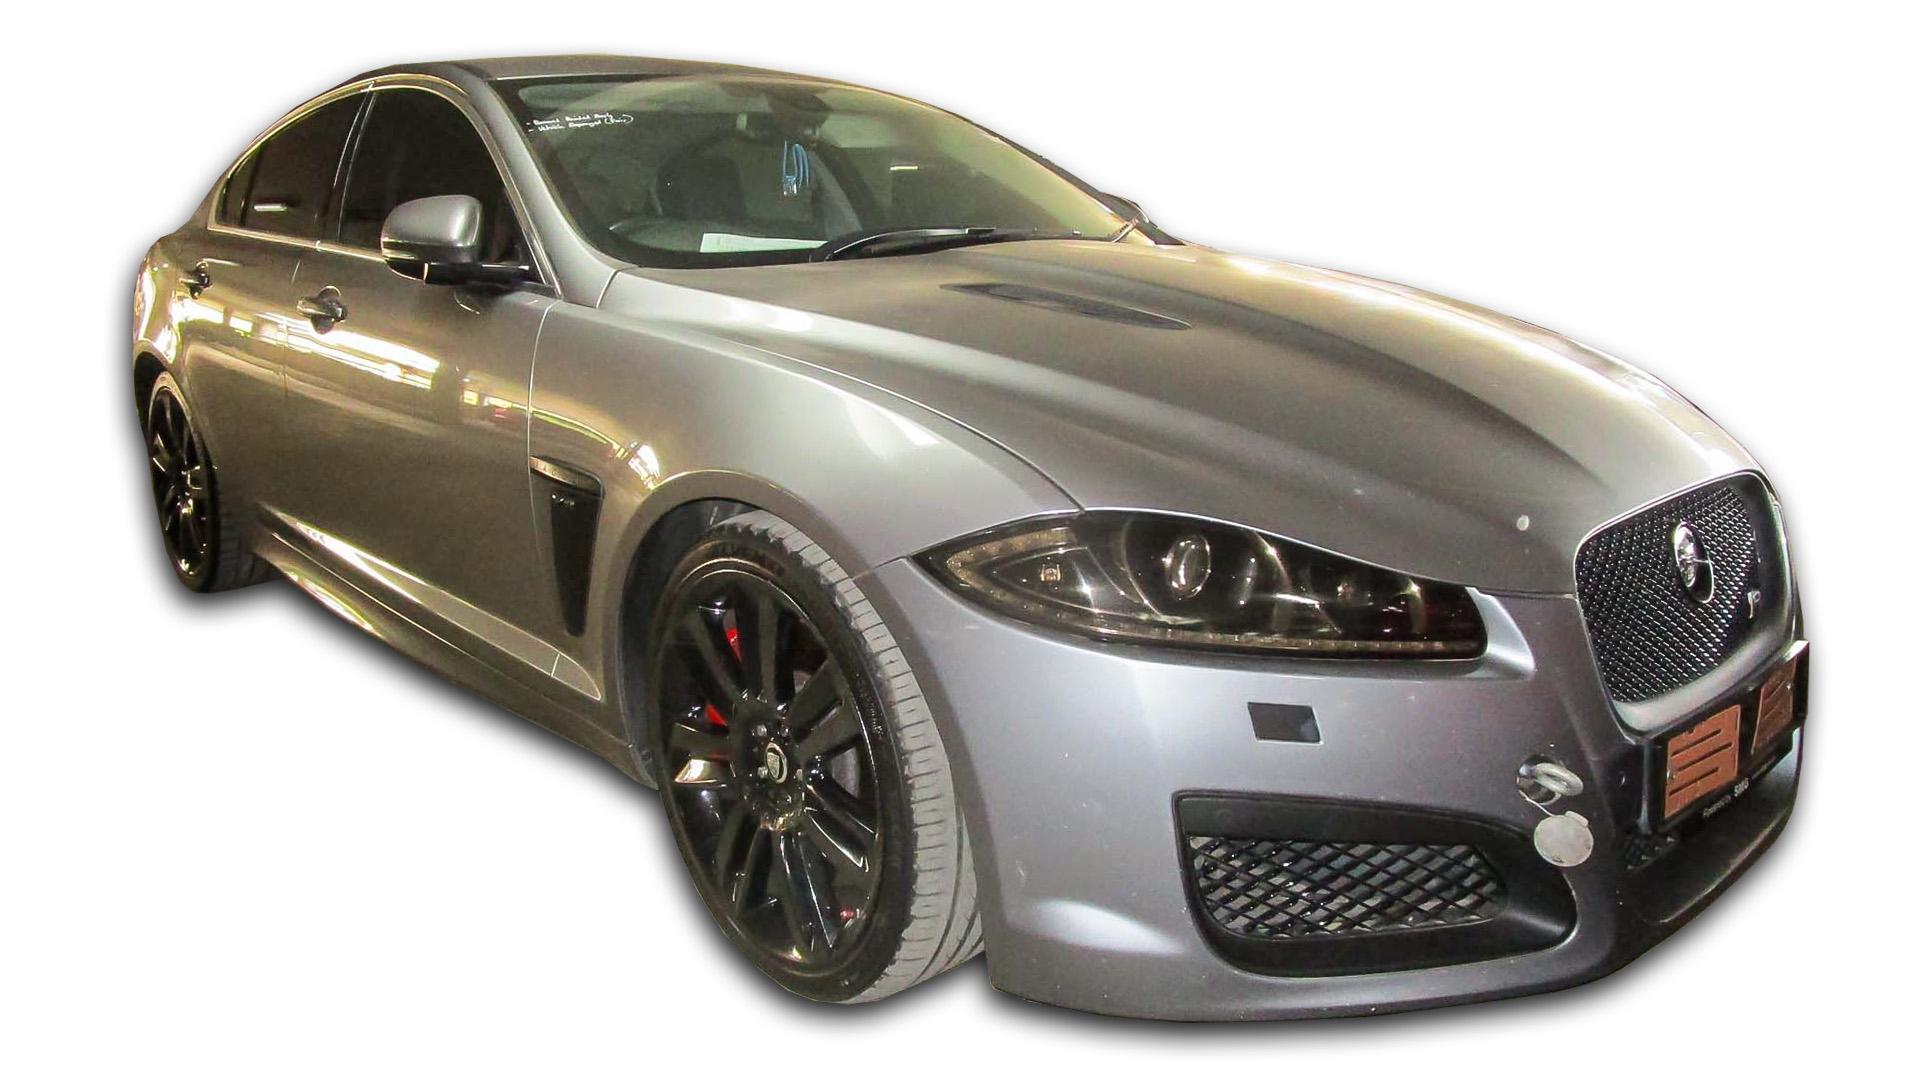 Jaguar XFR 5.0 V8 S/C